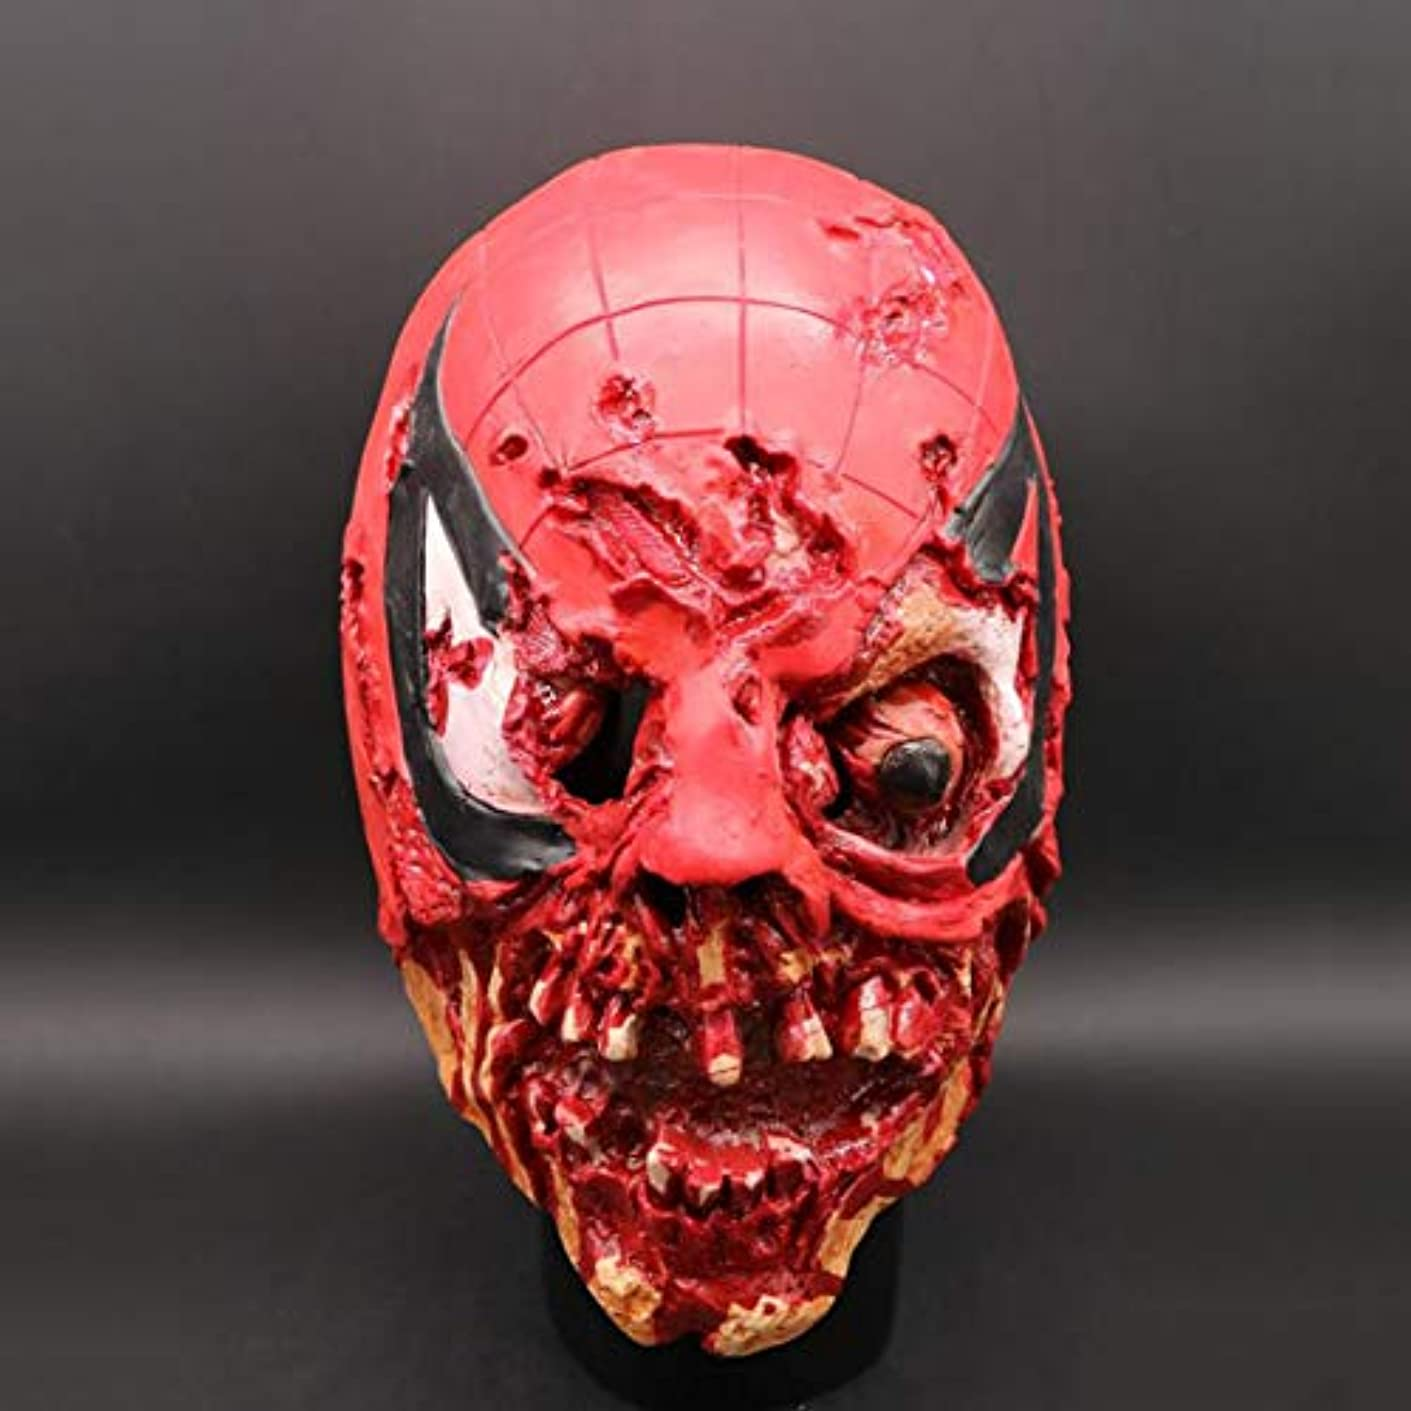 超高層ビルガソリン分泌するハロウィーンホラーマスク、スカルプラズマフードマスク、V クリエイティブ面白いヘッドマスク、ラテックス Vizard マスク、コスチュームプロップトカゲマスク